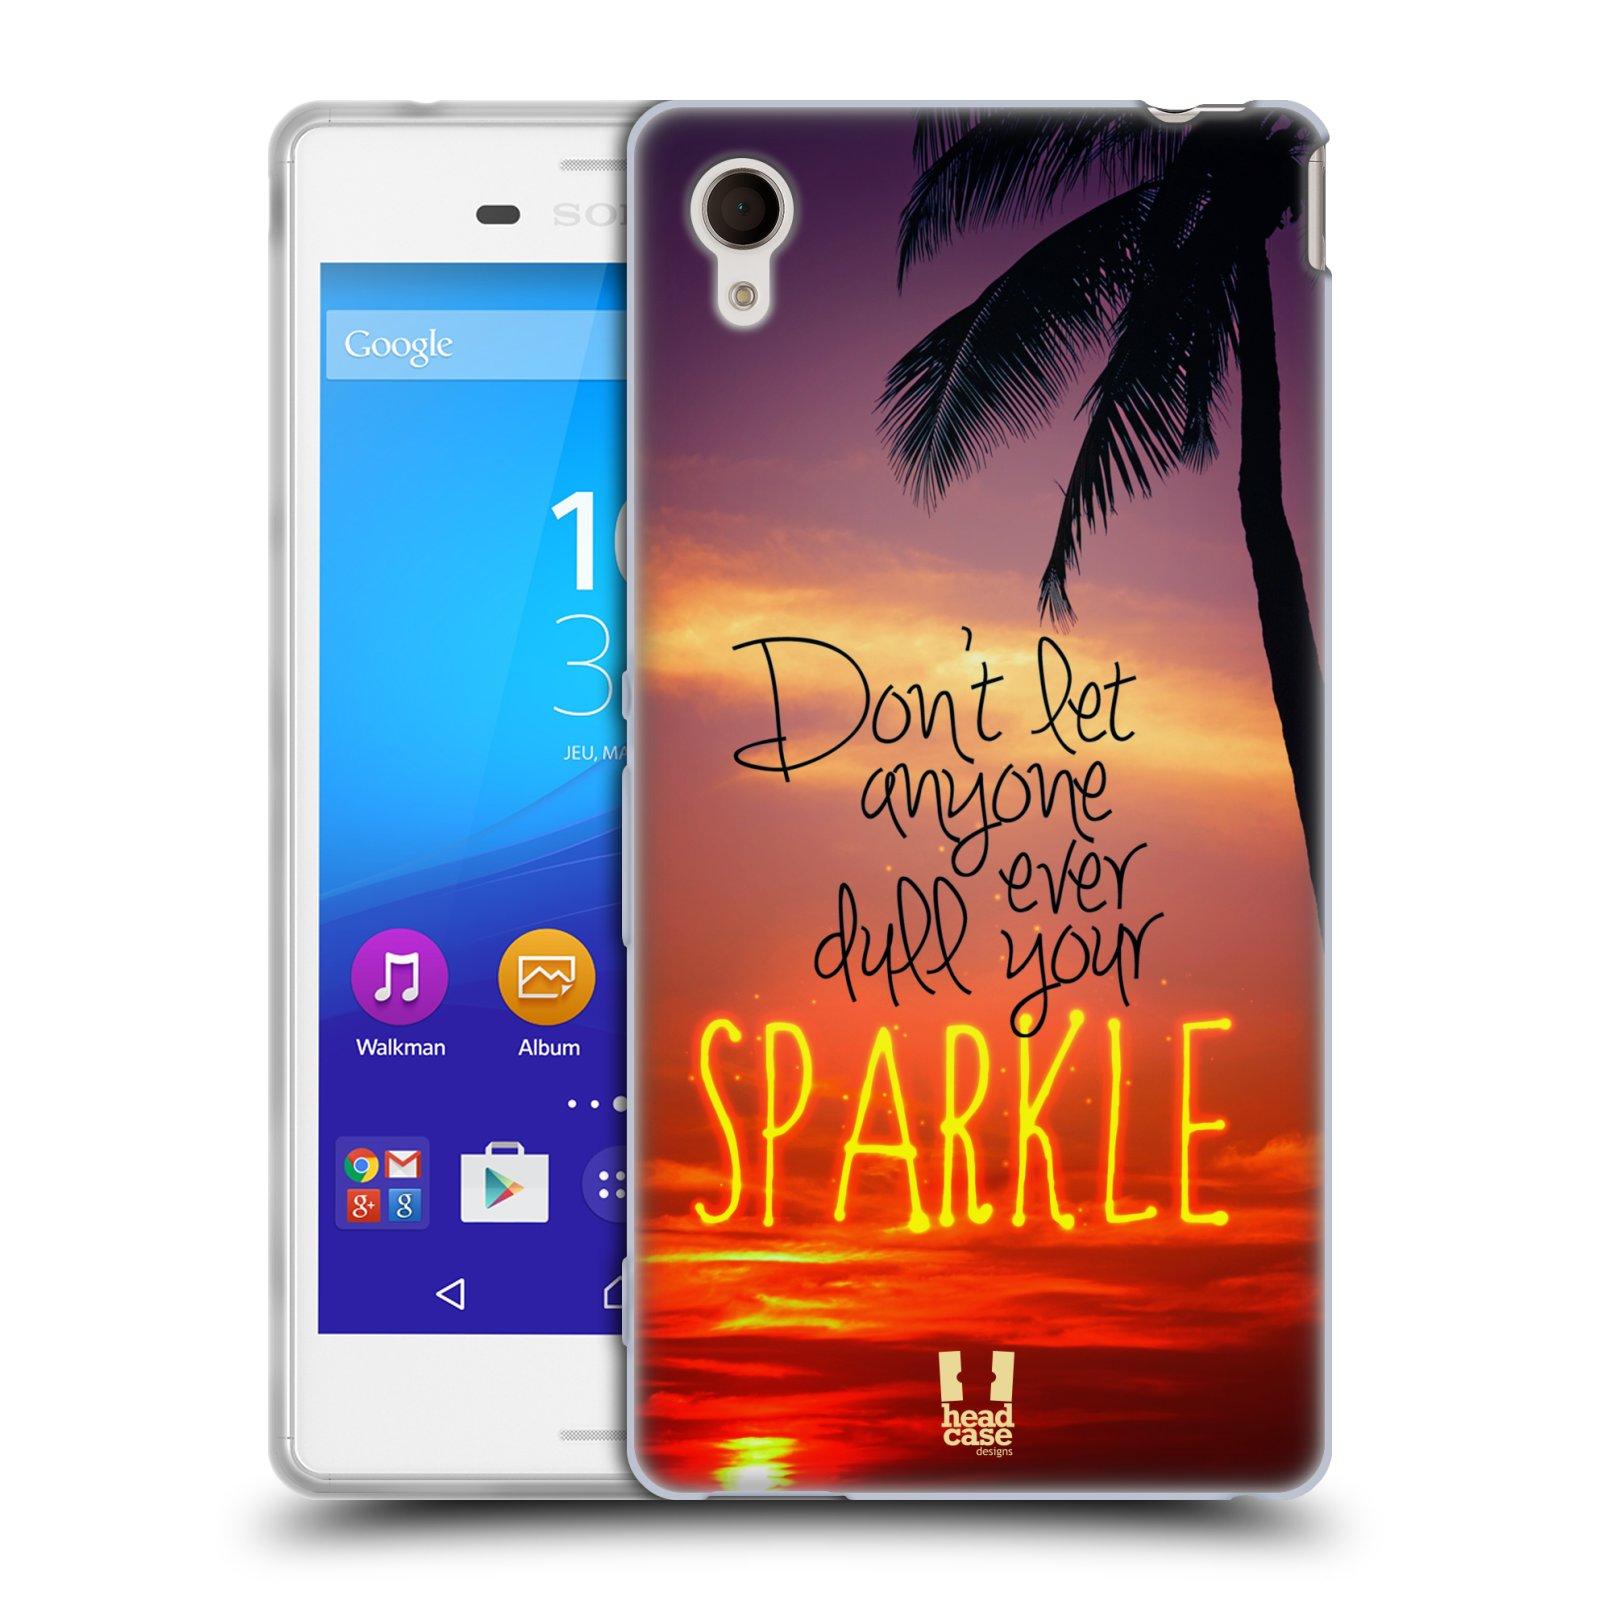 Silikonové pouzdro na mobil Sony Xperia M4 Aqua E2303 HEAD CASE SPARKLE (Silikonový kryt či obal na mobilní telefon Sony Xperia M4 Aqua a M4 Aqua Dual SIM)